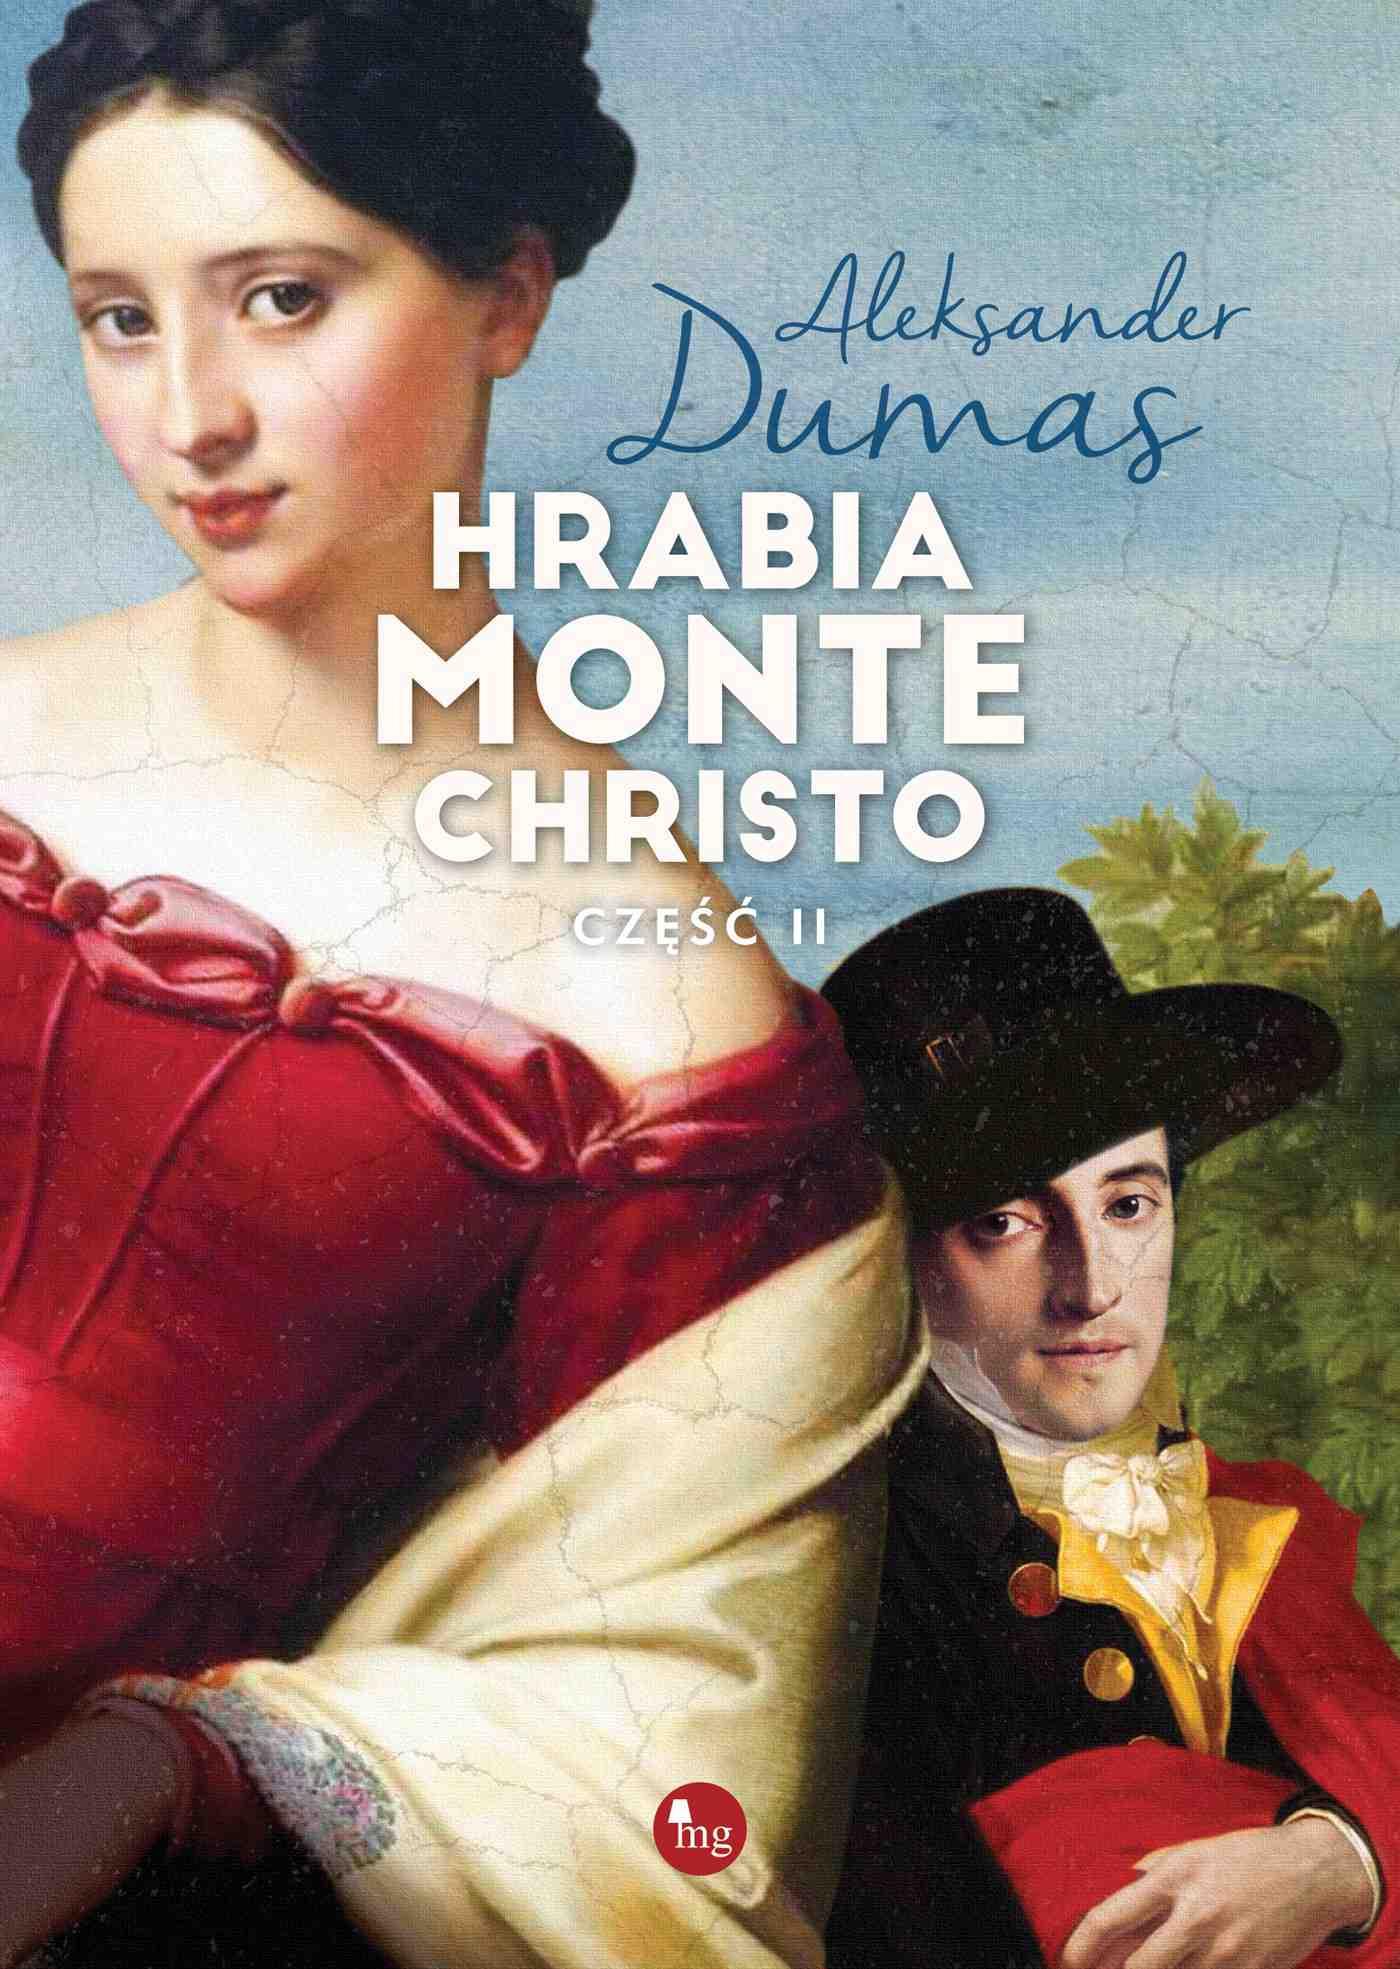 Hrabia Monte Christo część 2 - Ebook (Książka na Kindle) do pobrania w formacie MOBI